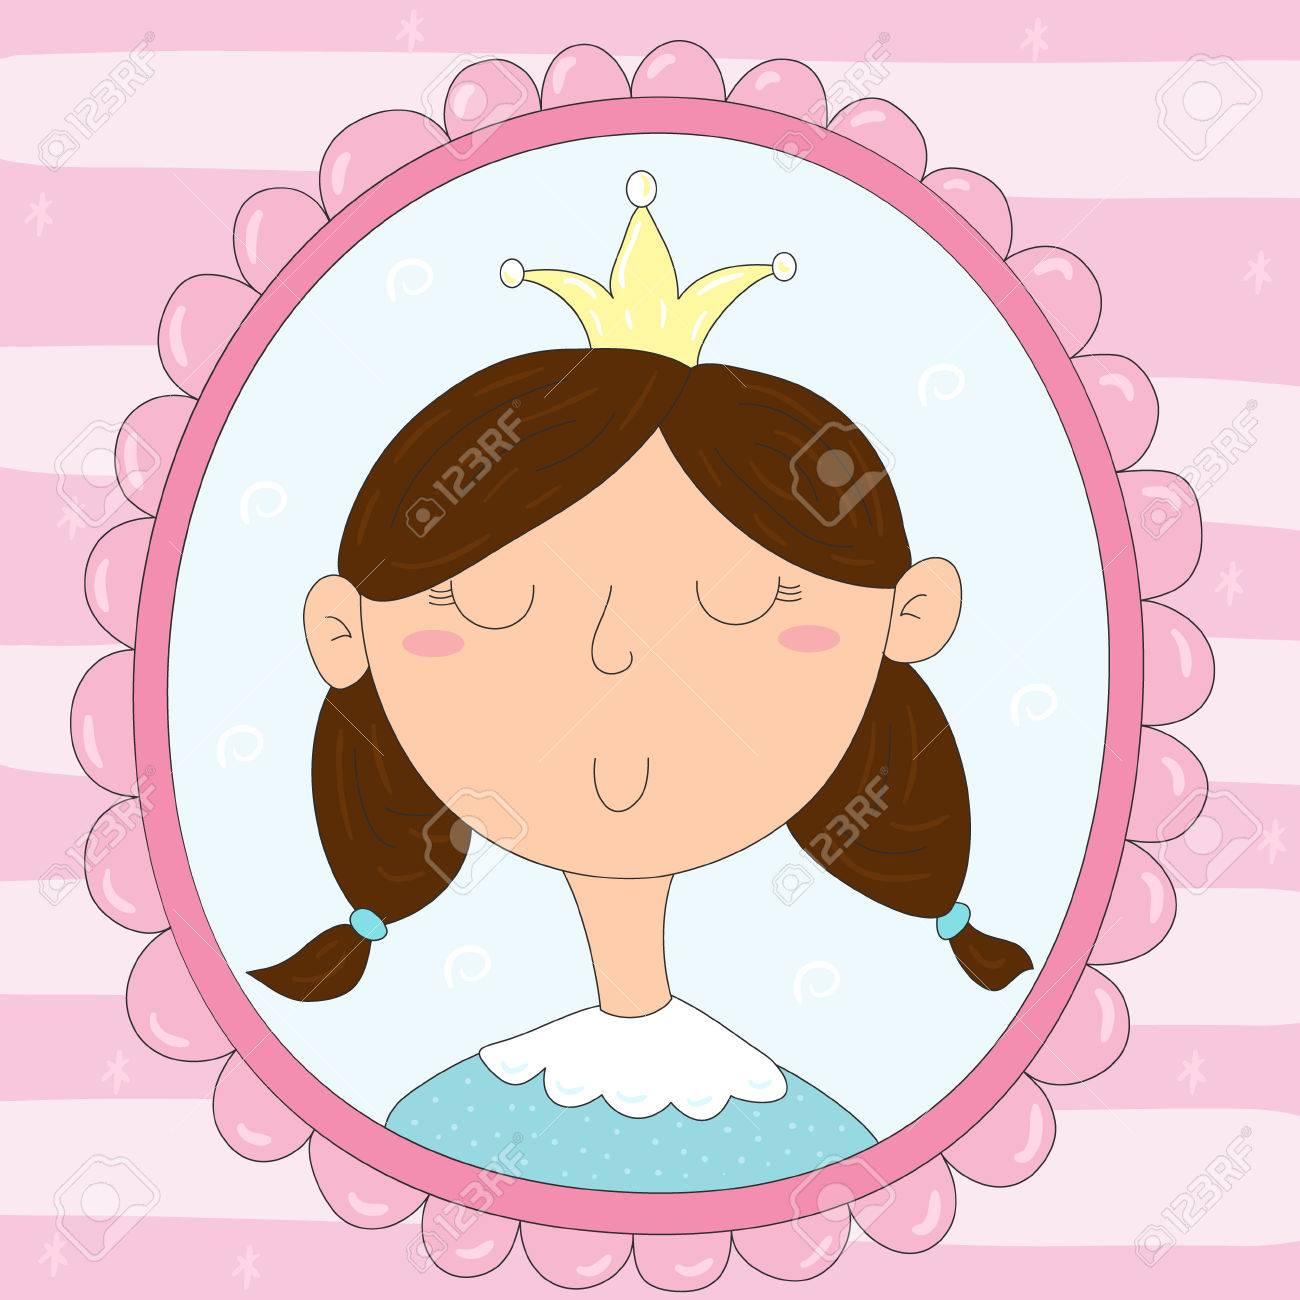 Mignon Dessin Dessiné à La Main D Une Princesse Dans Un Cadre Impression Vectorielle